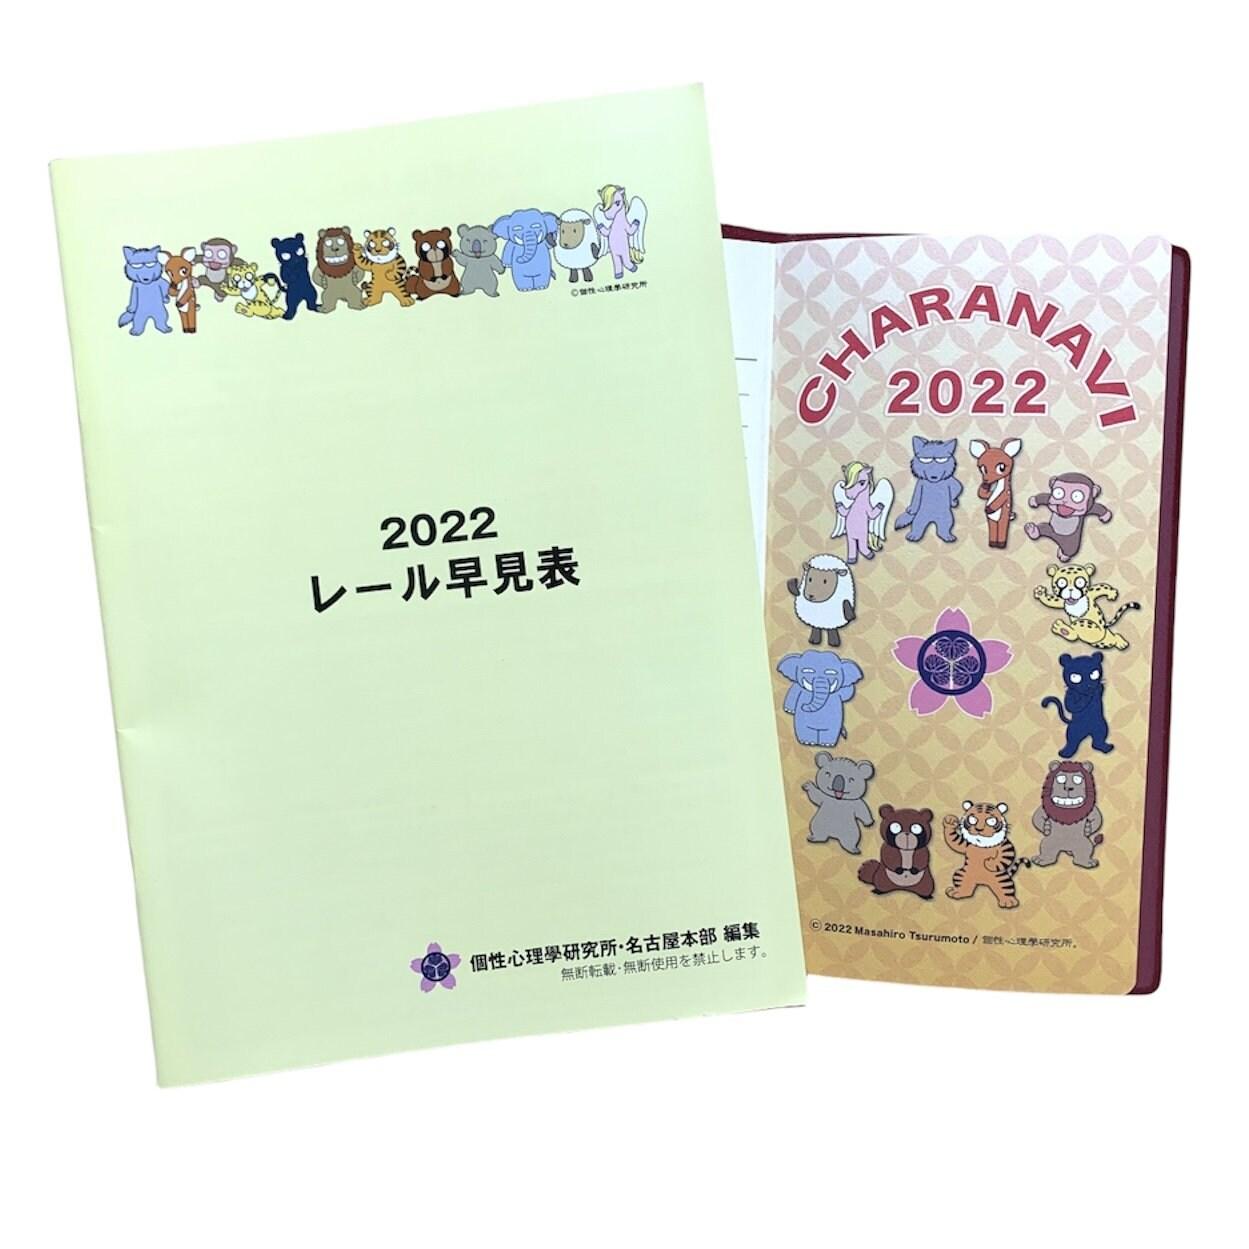 【数量限定】個性心理學キャラナビ手帳個人セミナー60分【2022年キャラナビ手帳、生涯リズム付】のイメージその5